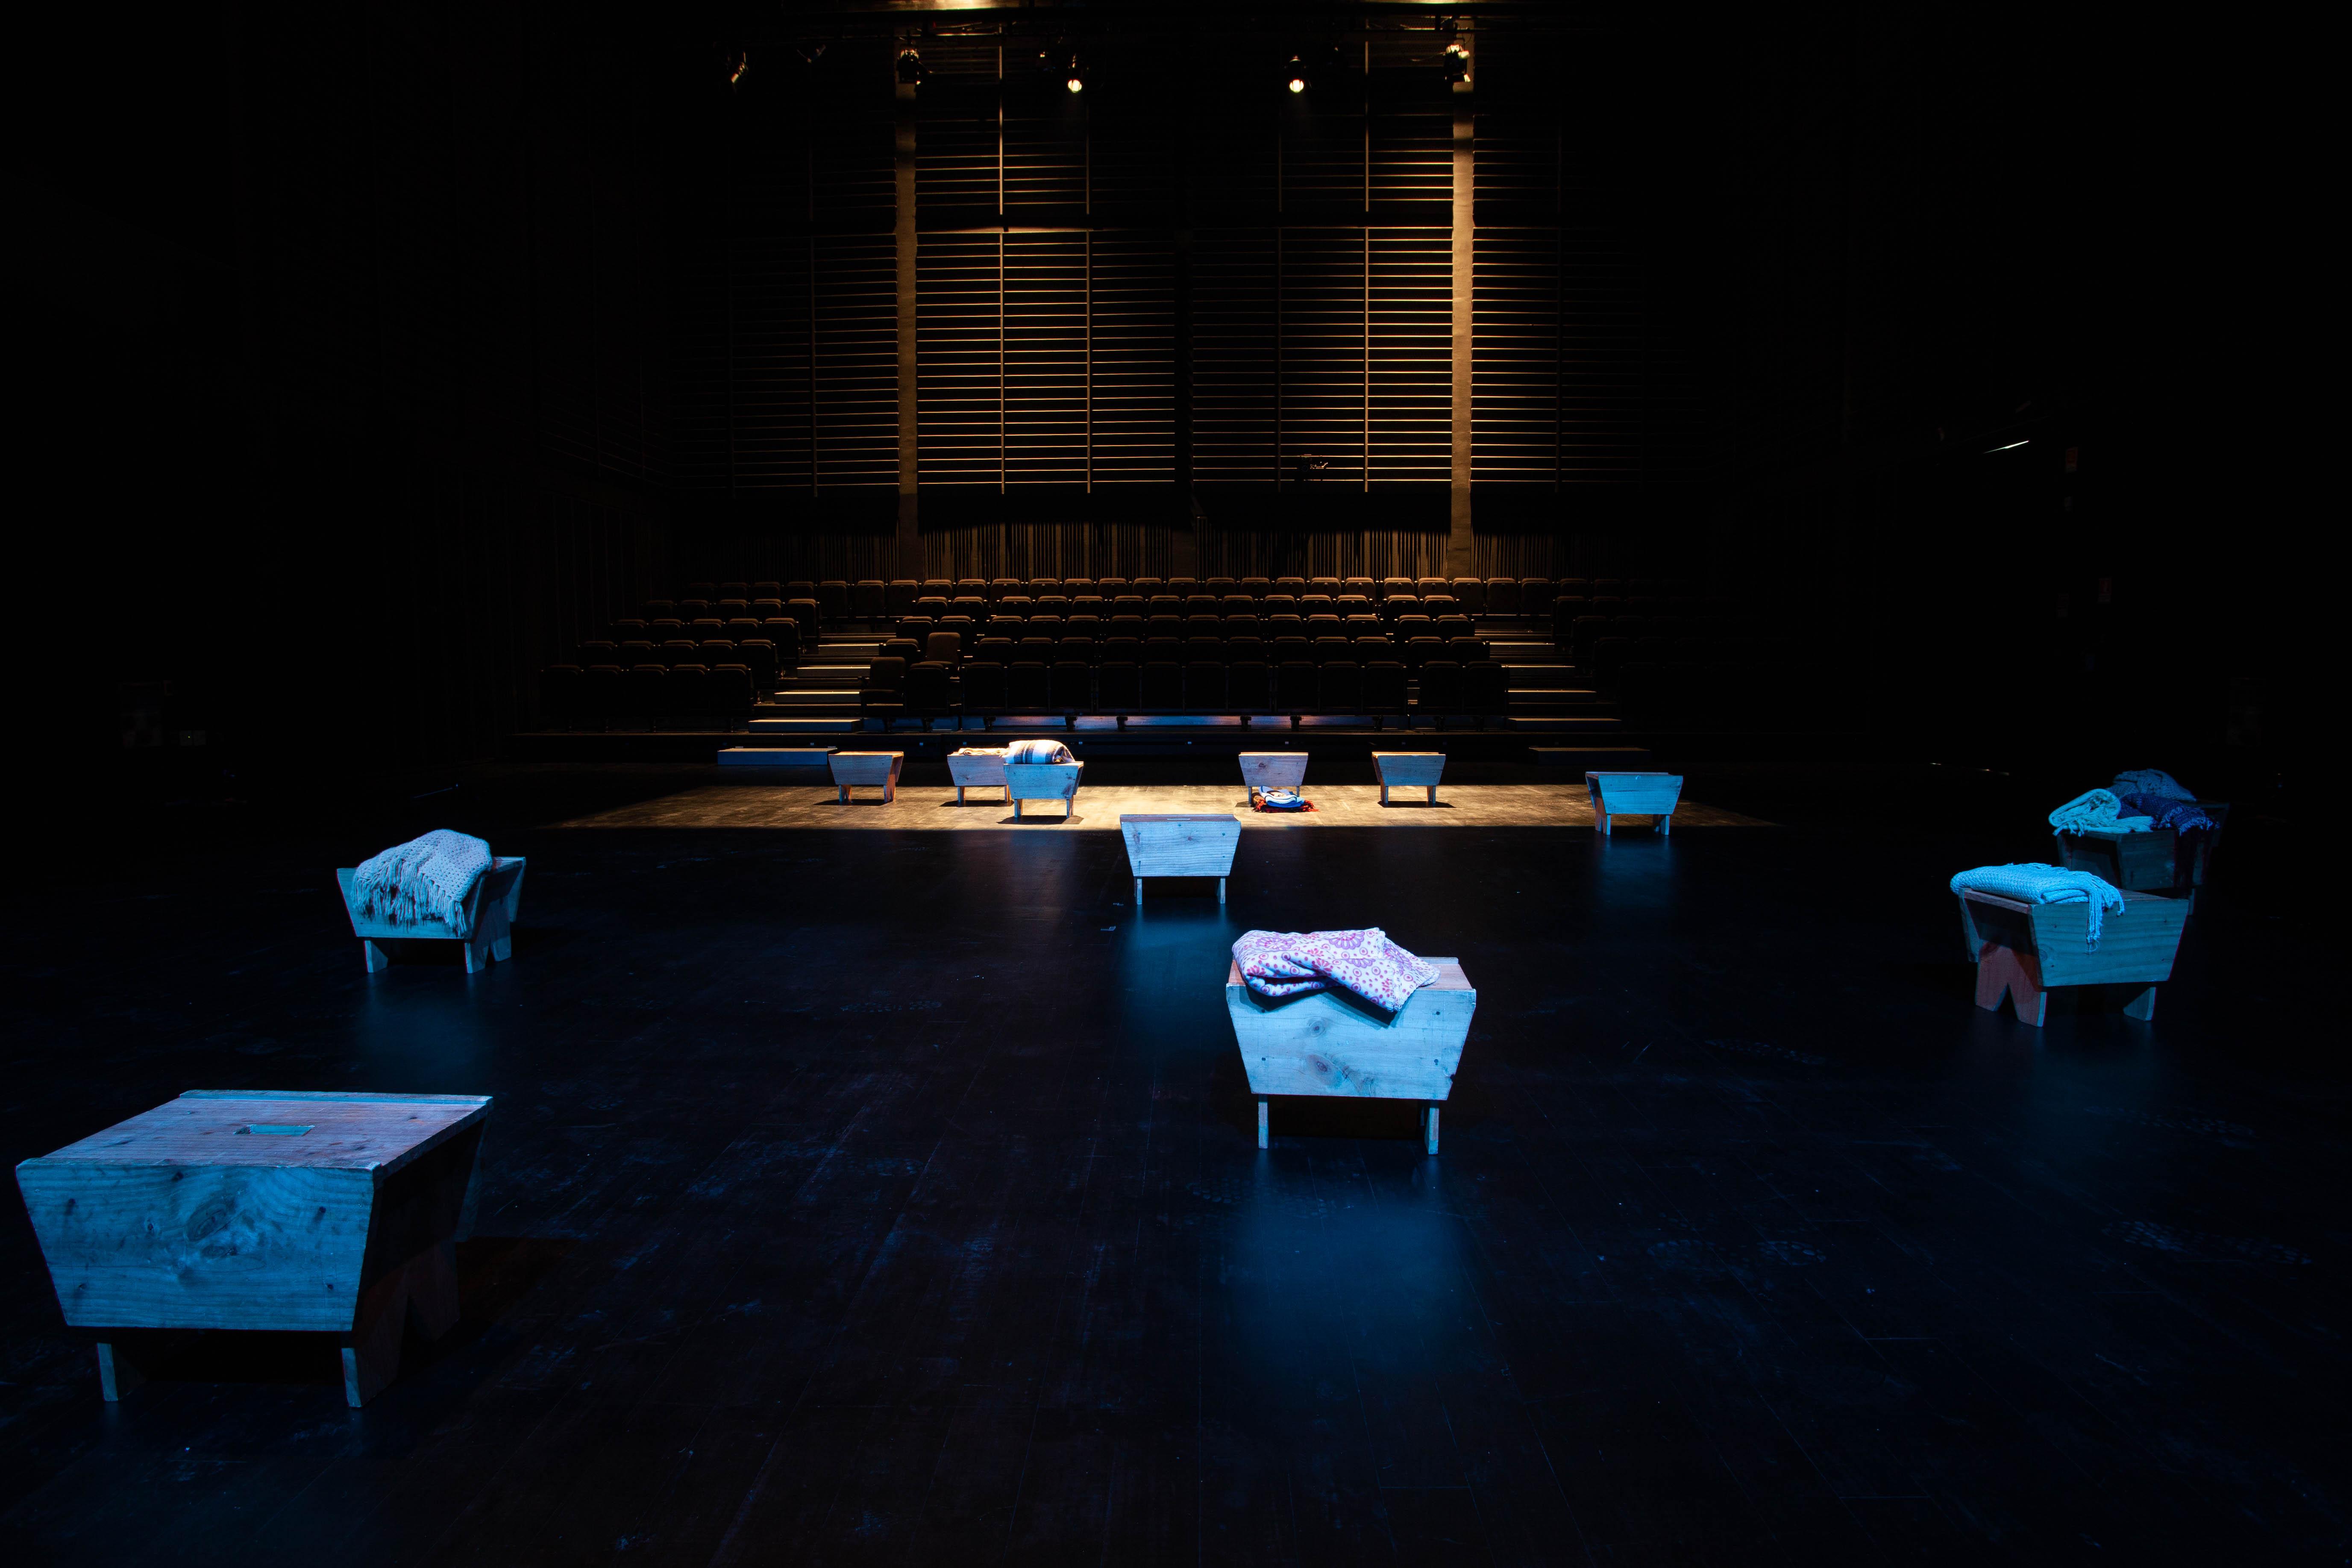 teatro-regional-bio-bio-smiljan-radic-6